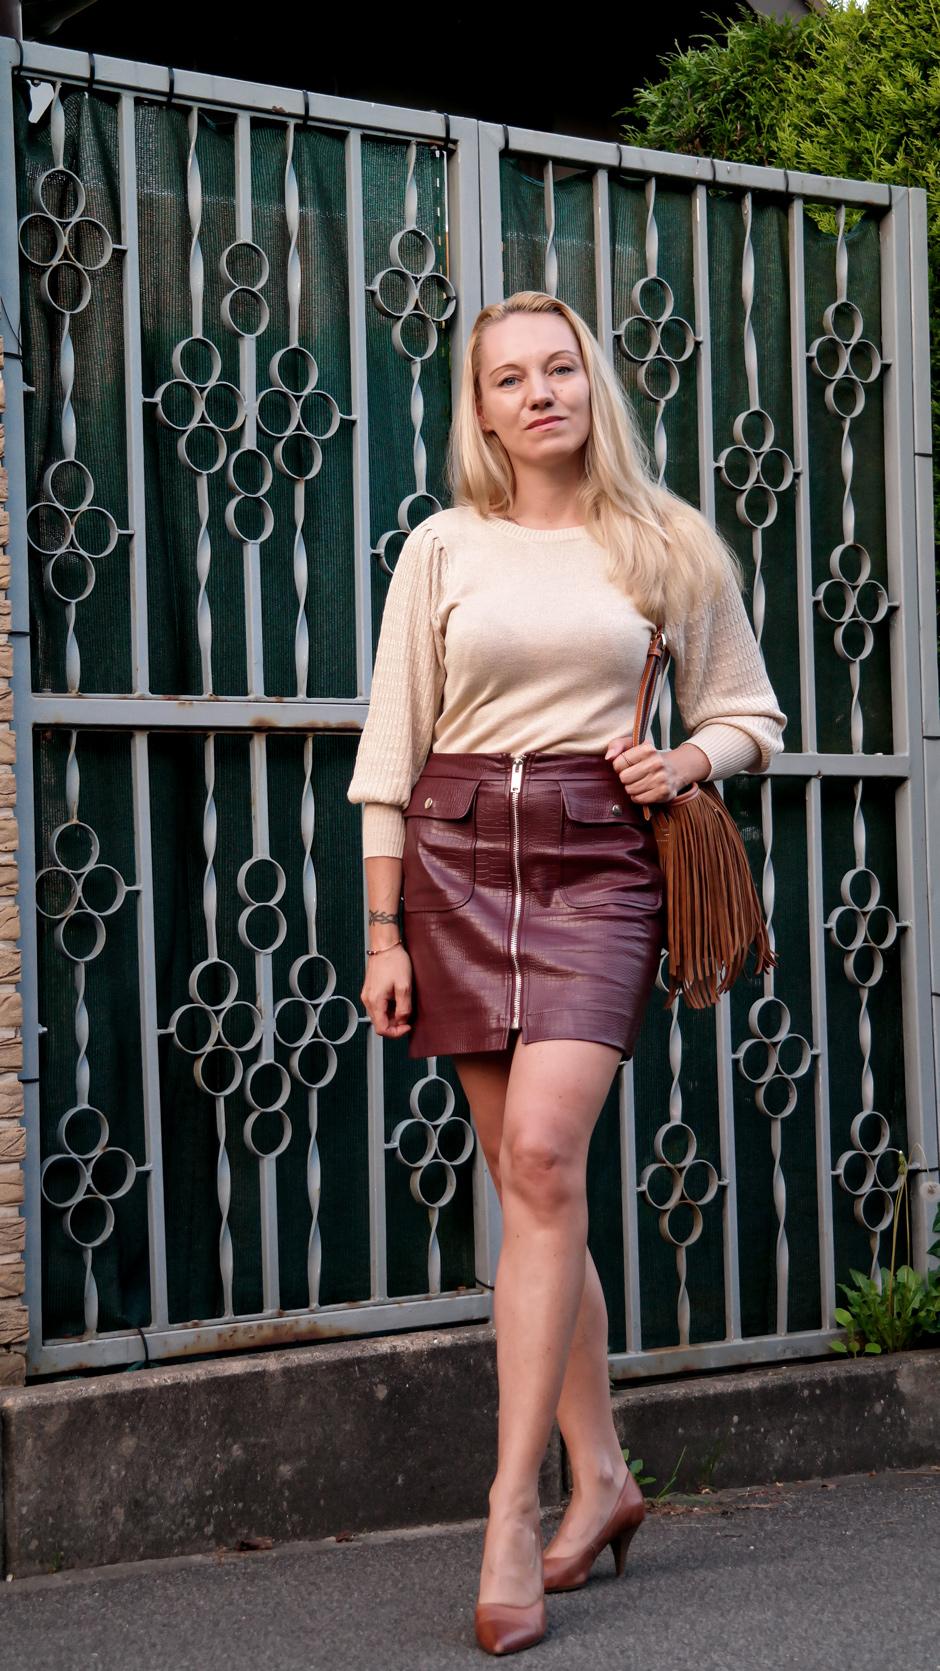 Schluss mit Stiefeln und dicken Strumpfhosen: Ich fordere endlich wieder Beinfreiheit! Damit schöne Beine gekonnt in Szene gesetzt werden können, bedarf es jedoch einiger Tricks & Kniffe. Sexy Legs sind schließlich knallharte Arbeit. Bloggerin Franny Fine gibt Euch Tipps, wie Ihr Eure Beine für sommerliche Outfits perfekt optimiert | Hot Port Life & Style | 30+ Style Blog